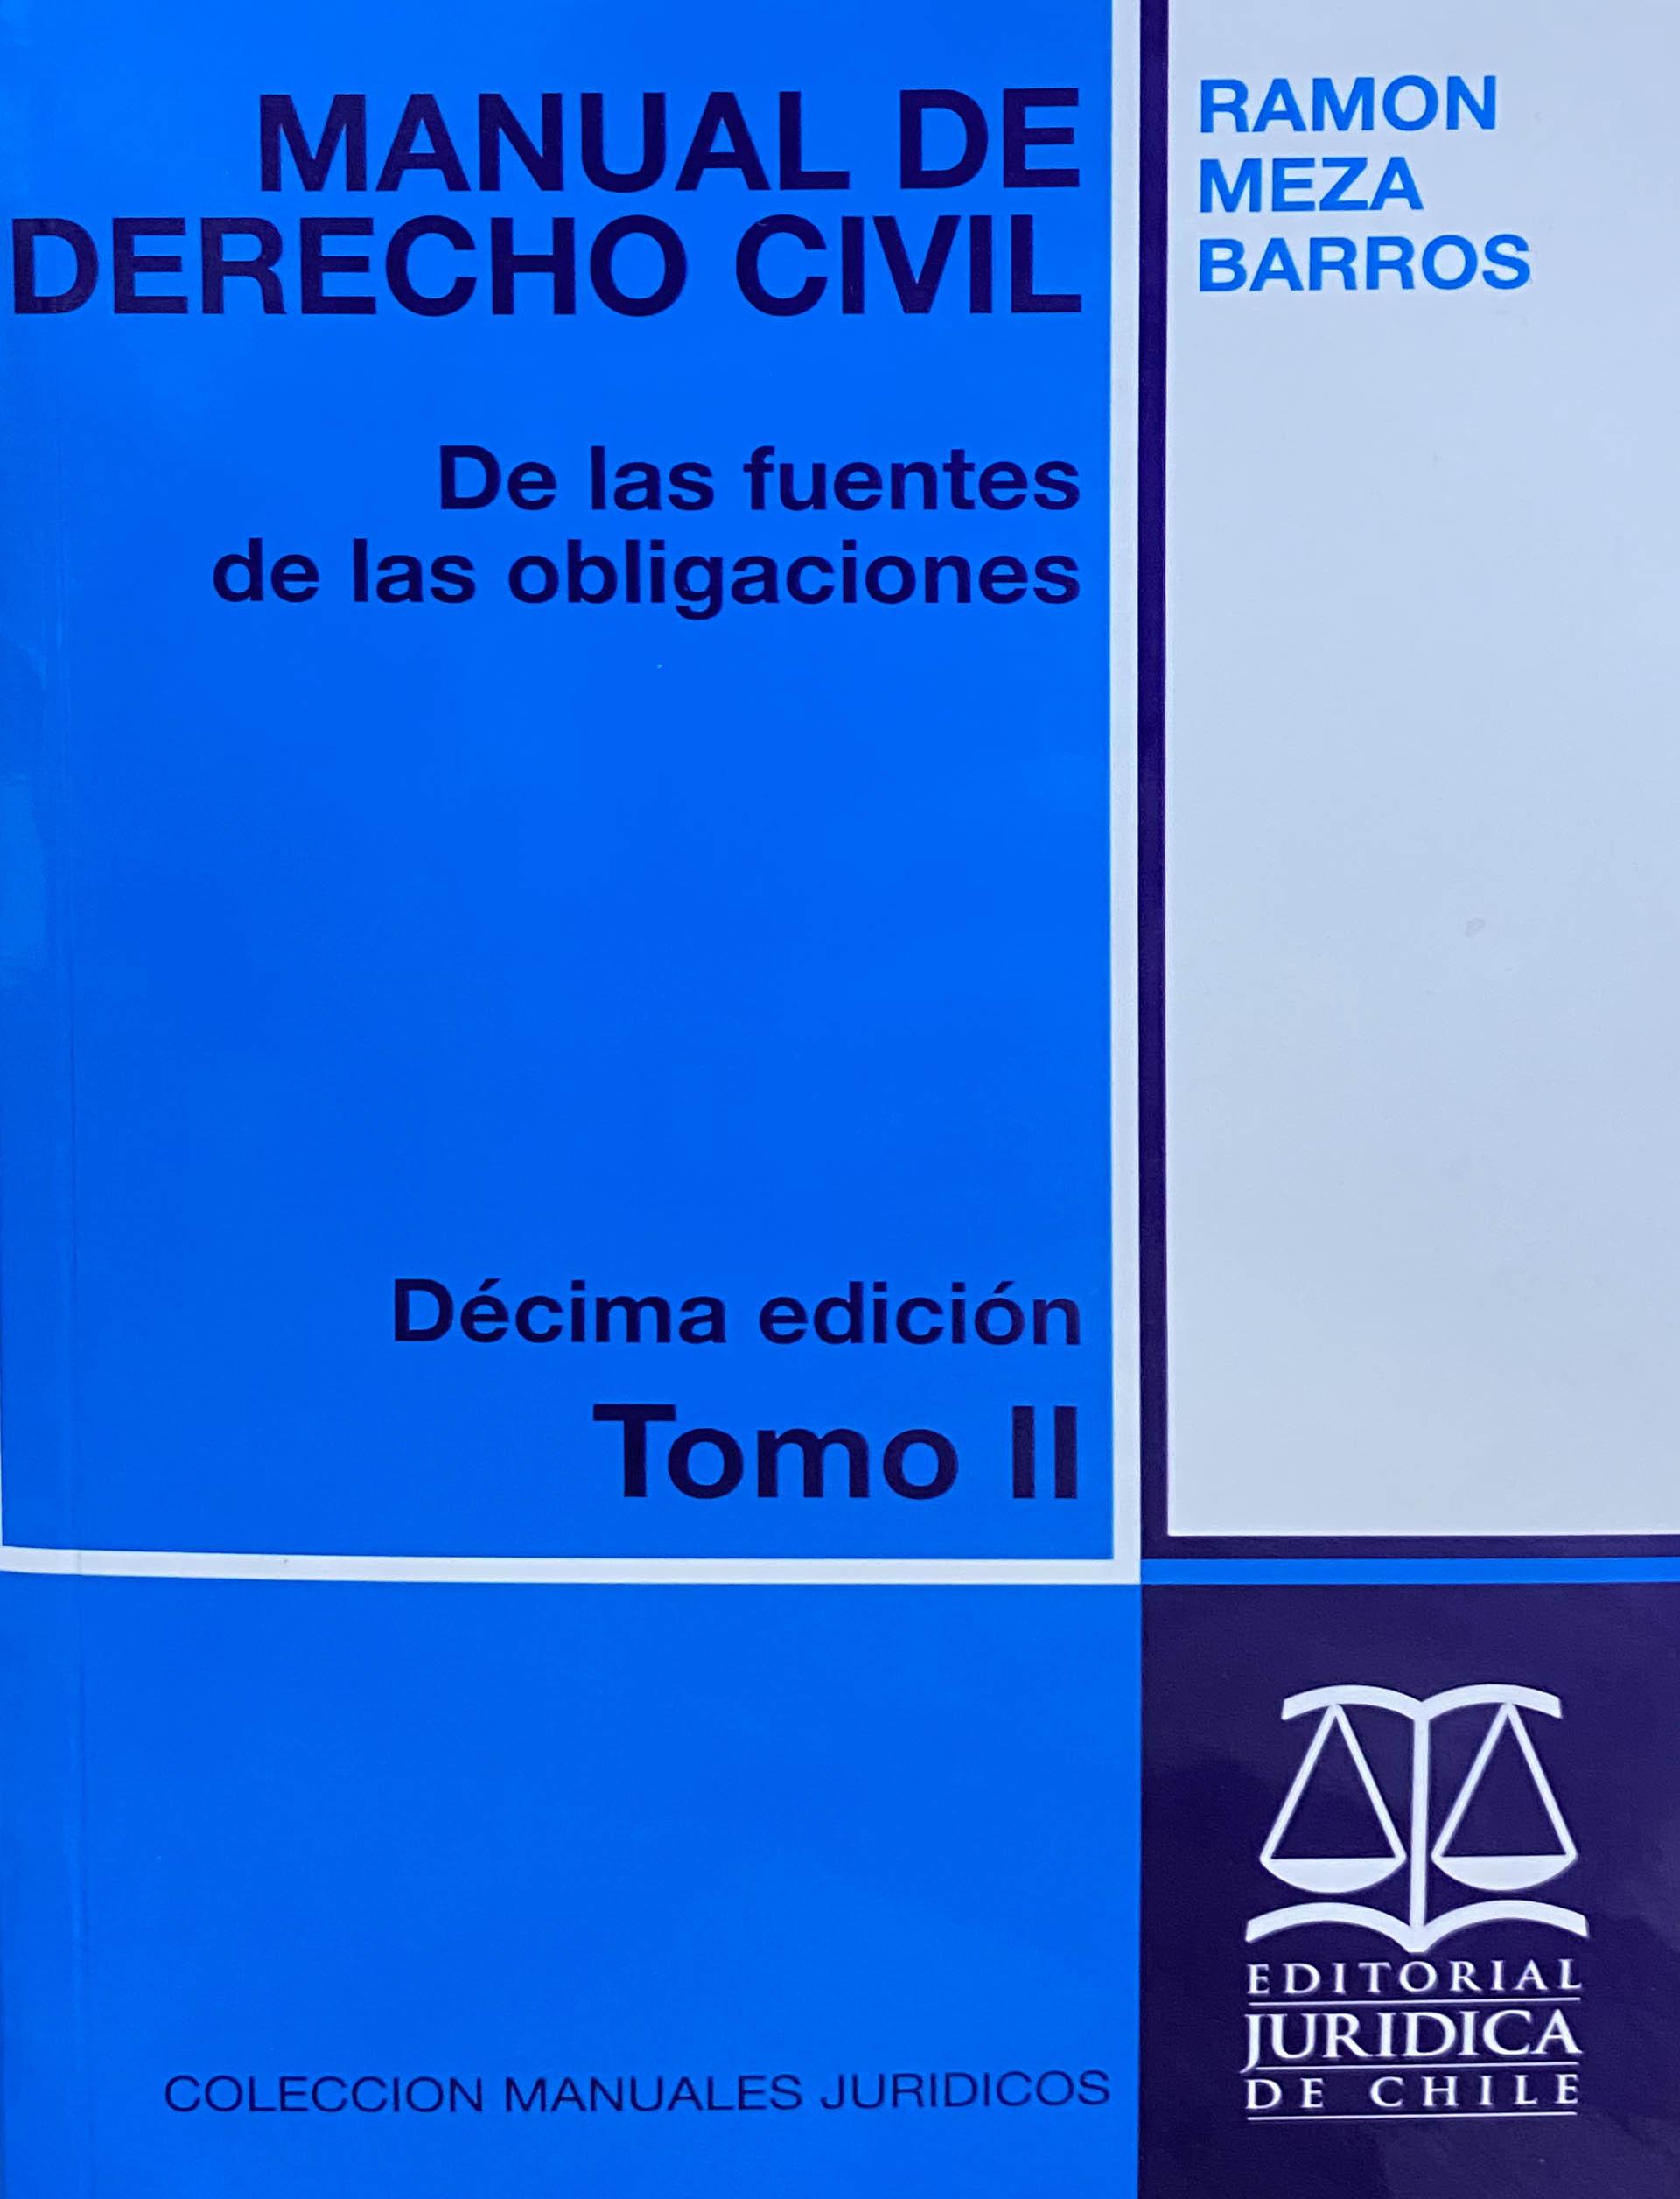 MANUAL DEL DERECHO CIVIL TOMO 2